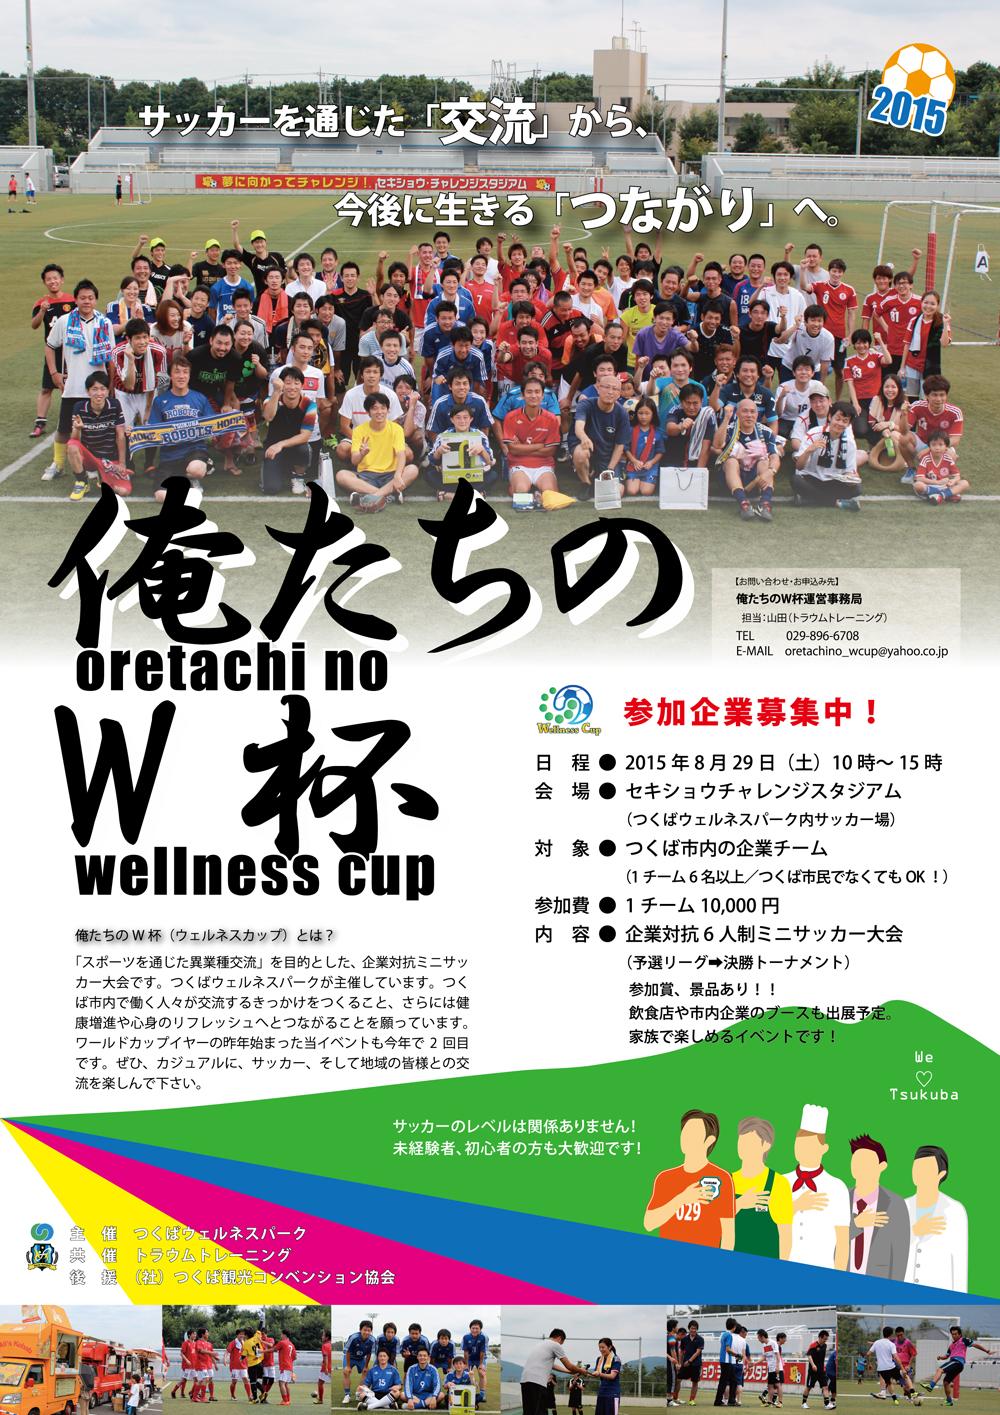 俺たちのWC2015ちらし【入稿用】-01